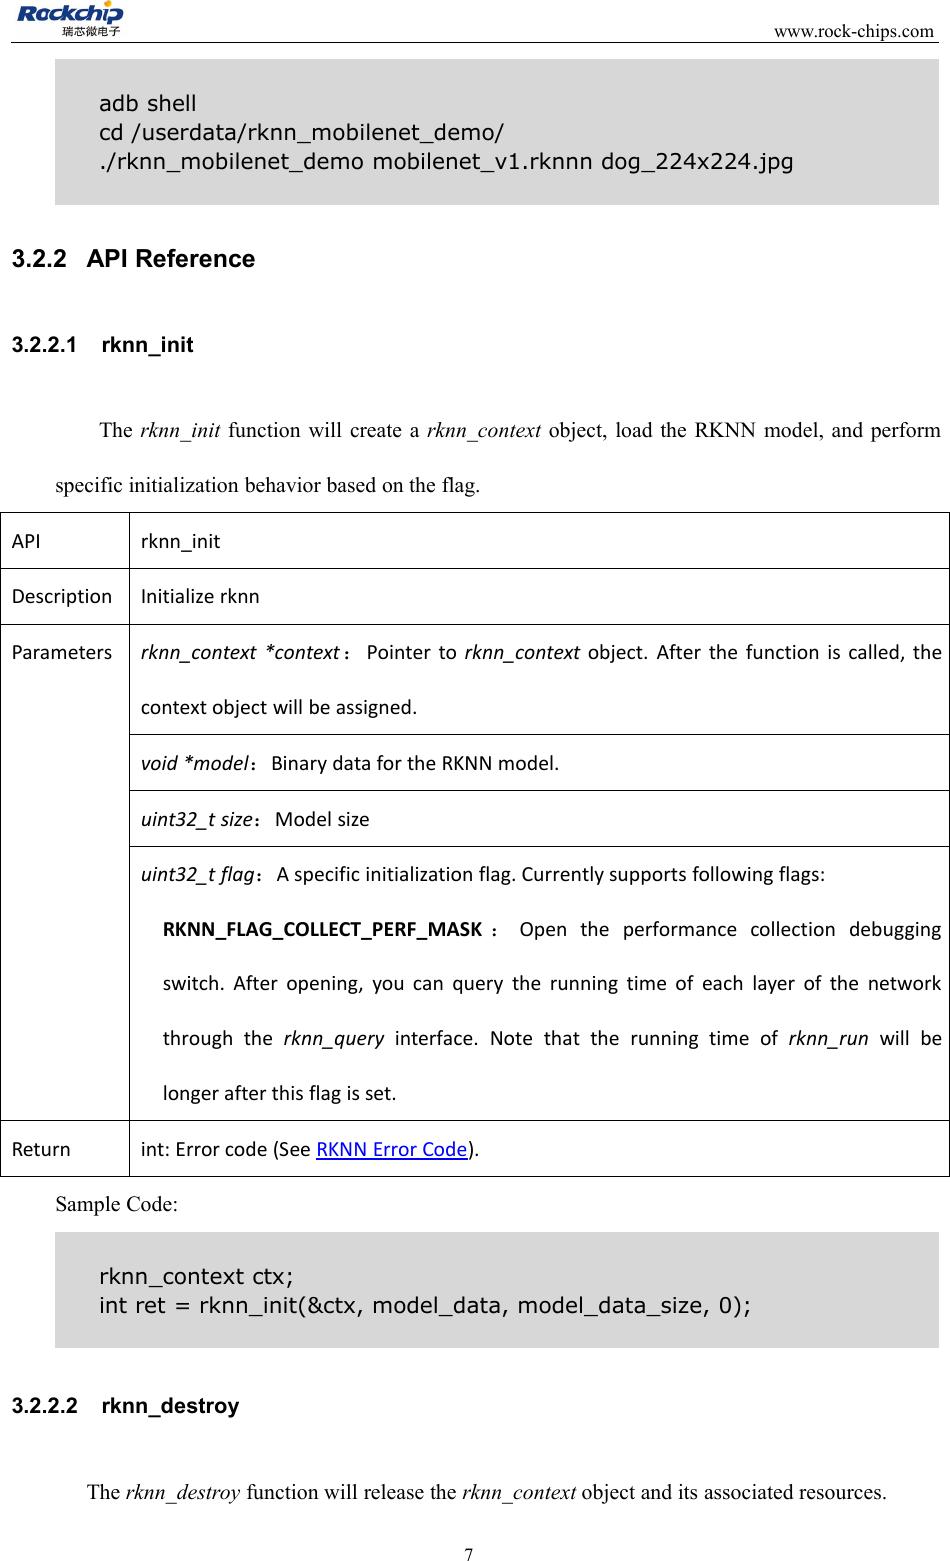 RK1808 RKNN SDK DEVELOPER GUIDE V0 9 7